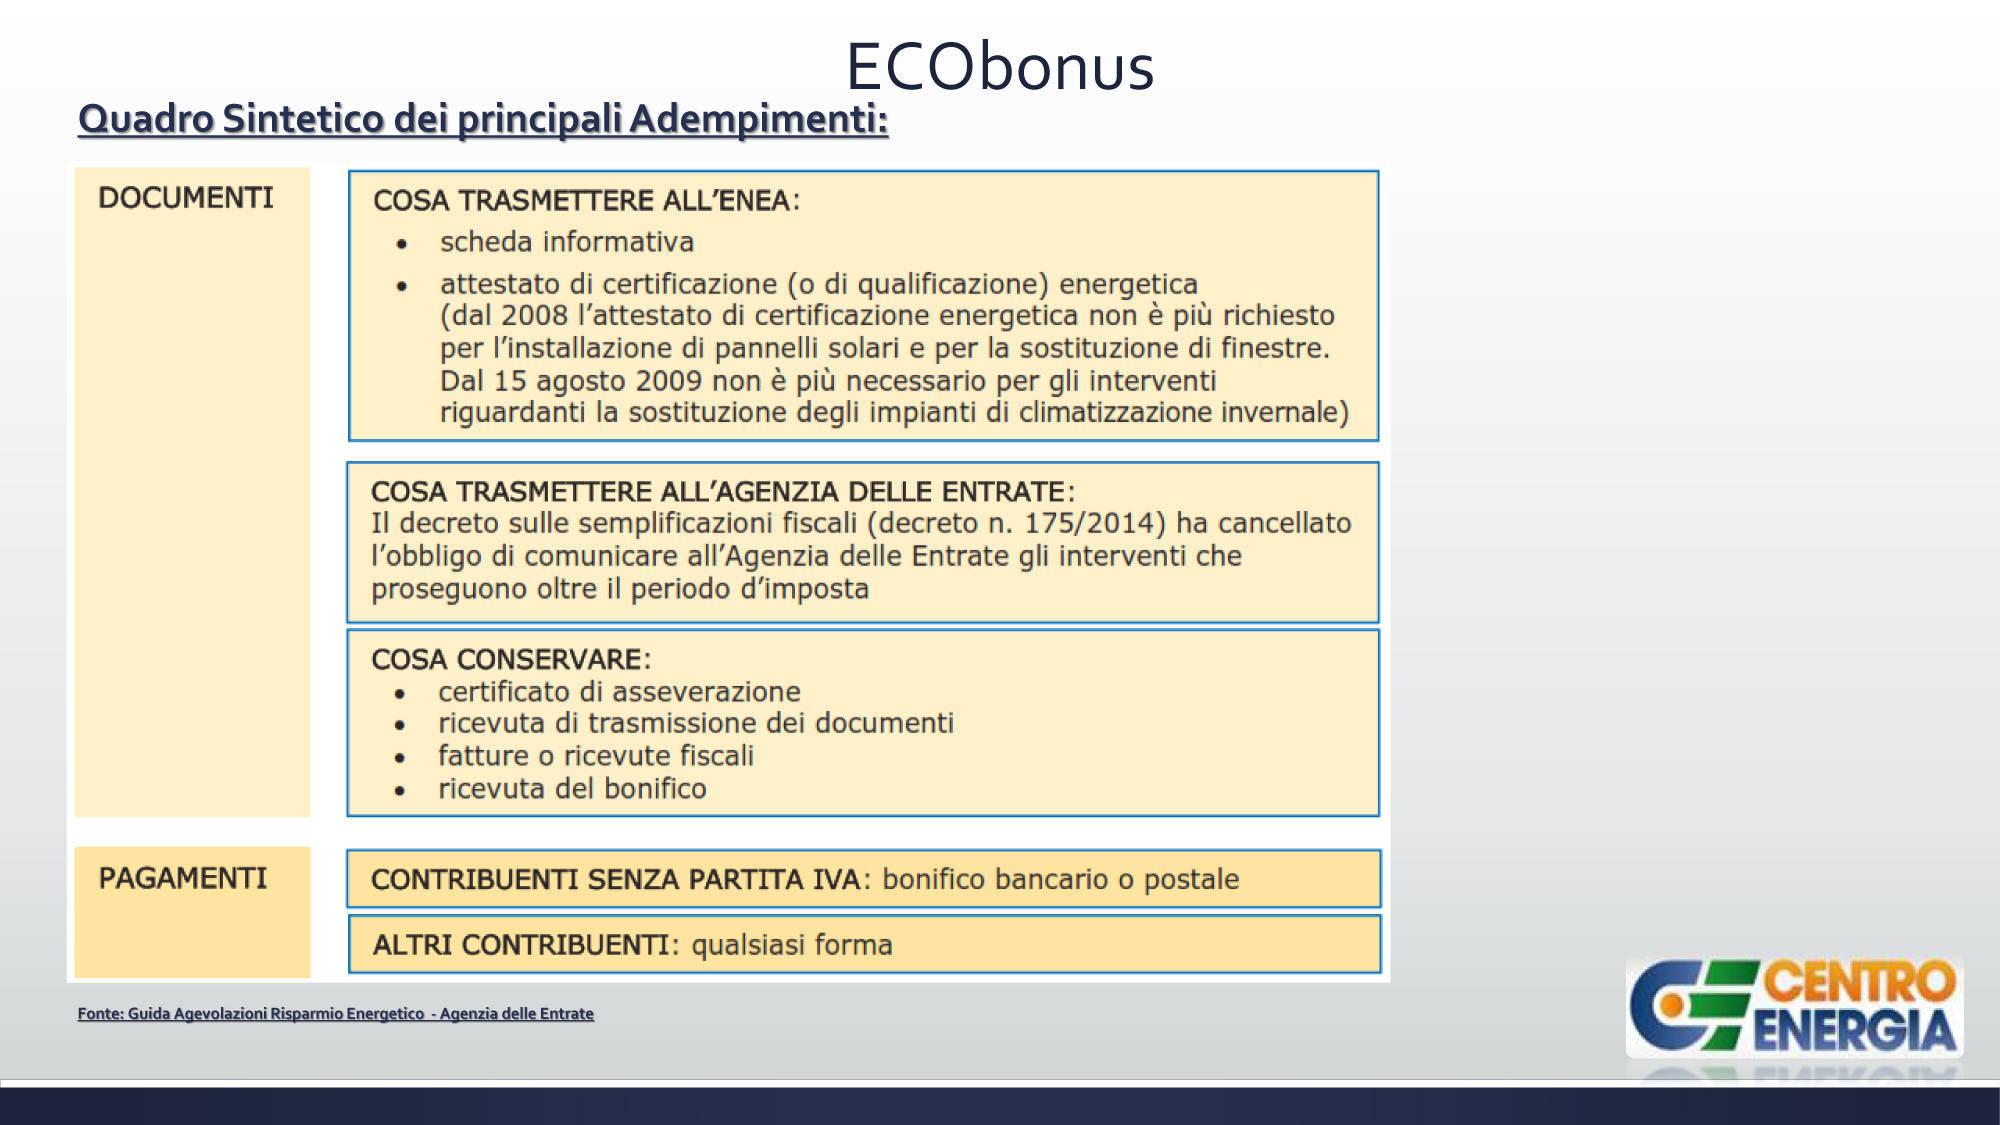 Quadro-sintentico-dei-principali-adempimenti_Hq